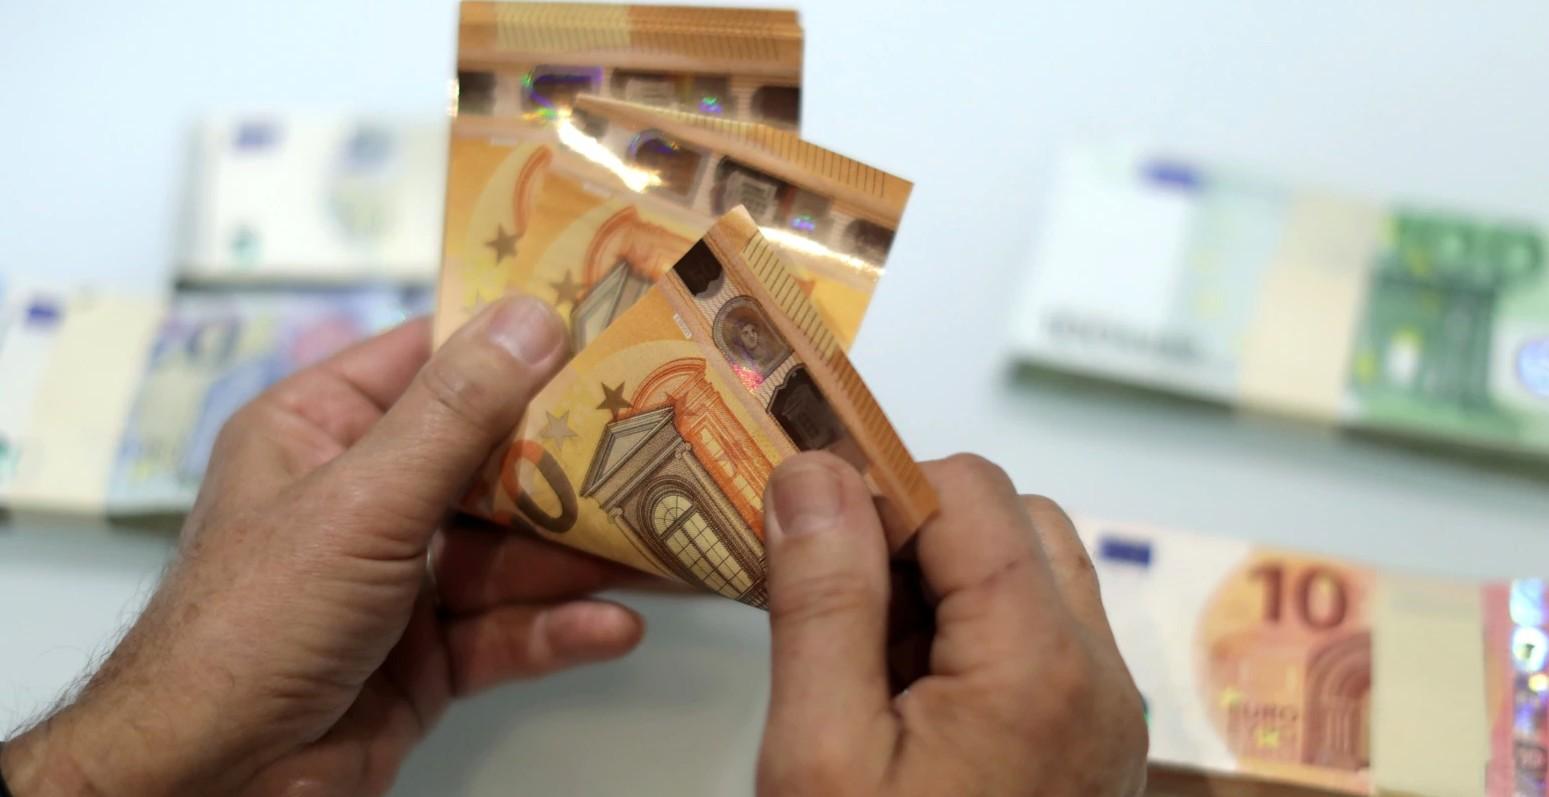 Qytetarët dhe bizneset në Kosovë kanë 3.5 miliardë euro kredi e 4.5 miliardë euro depozita